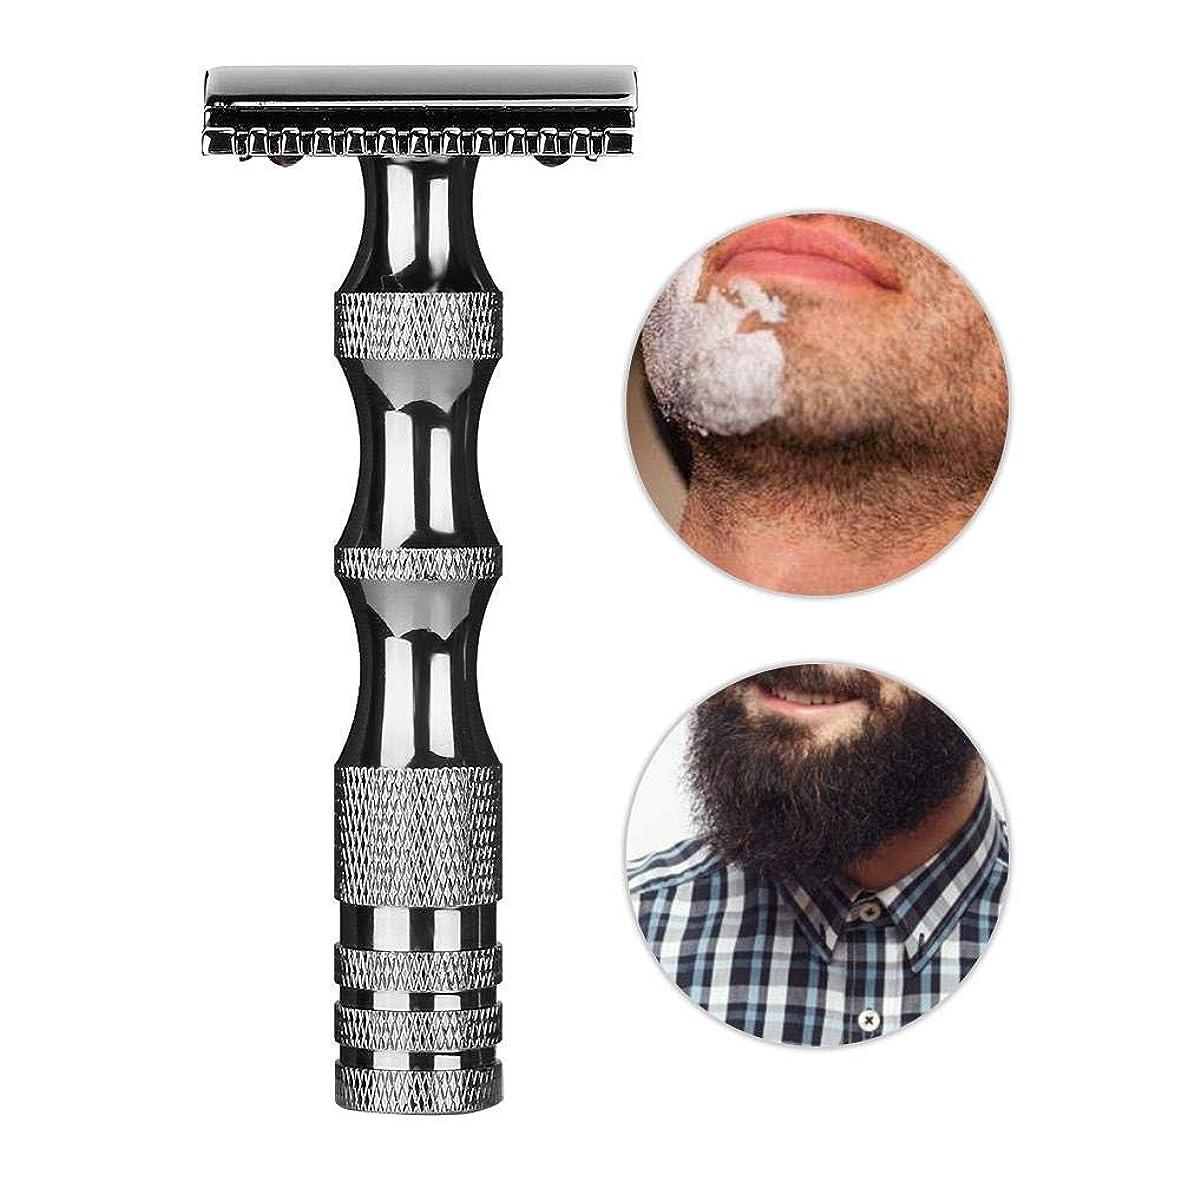 コード露繁栄する安全剃刀、クラシックメンズ滑り止めメタルハンドルデュアルエッジシェーバーヴィンテージスタイルメンズ安全剃刀、スムーズで快適な髭剃り(Dark Silver)